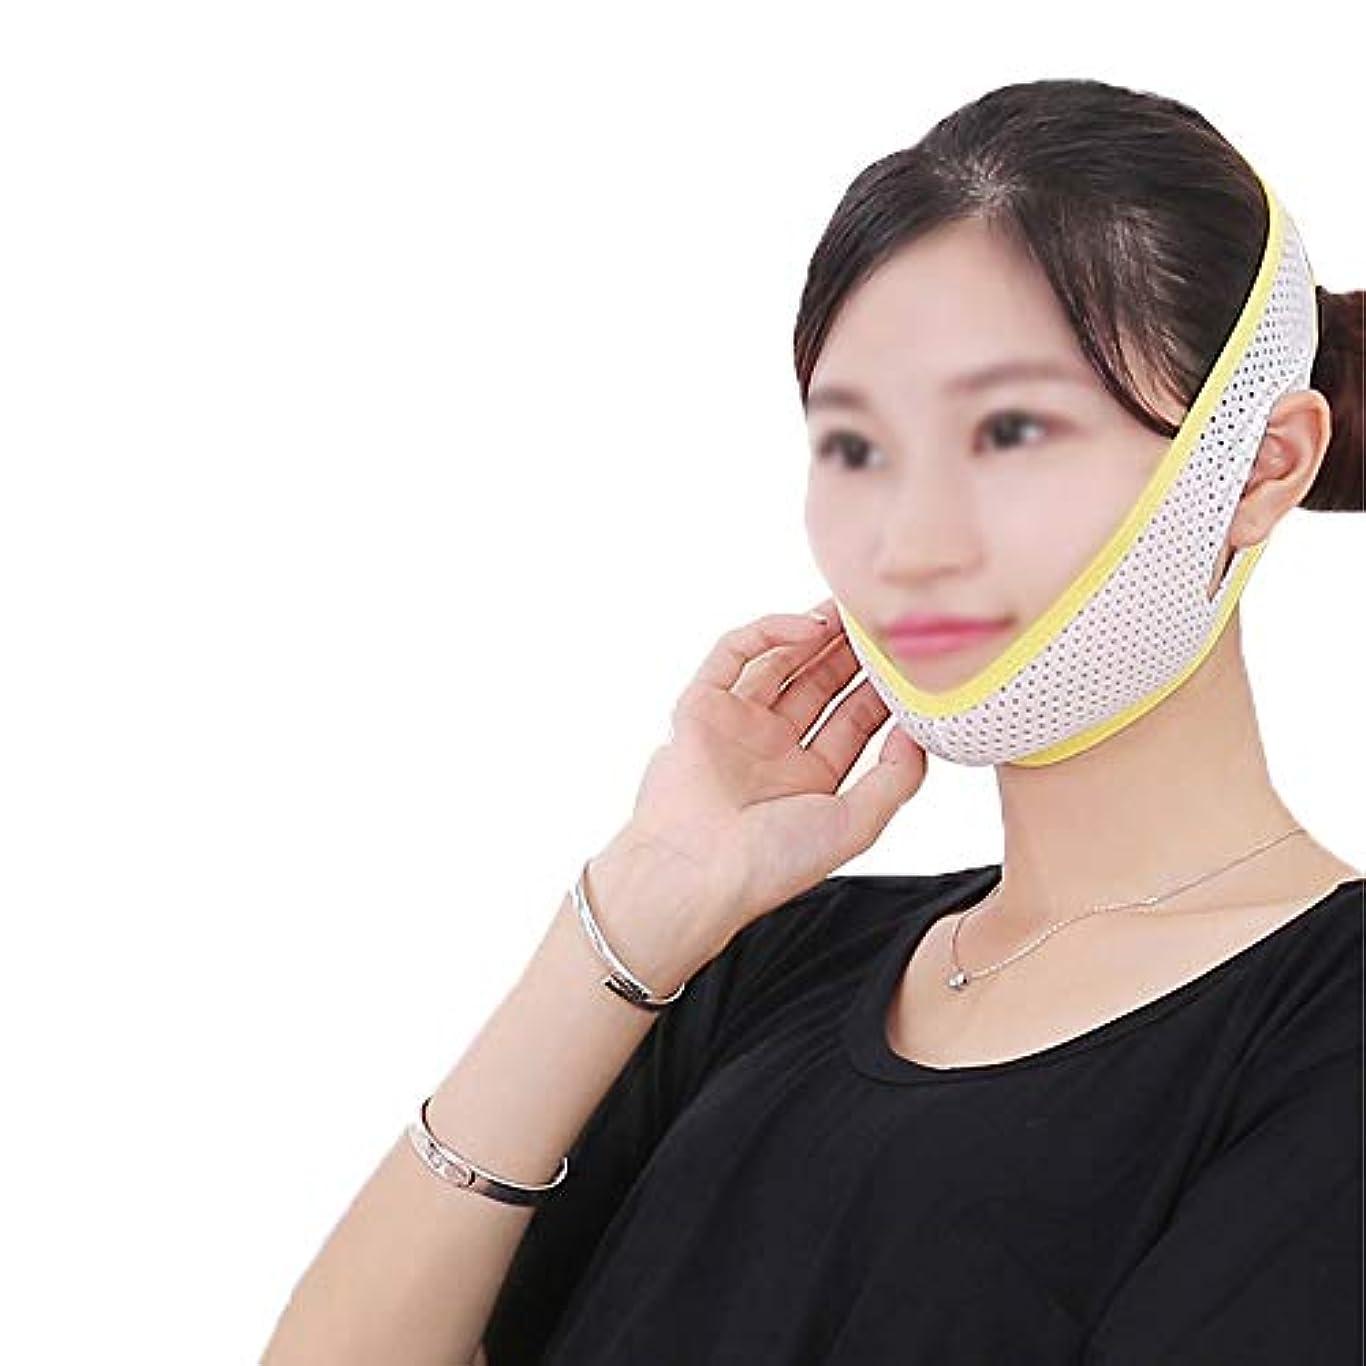 フランクワースリー疼痛実業家XHLMRMJ 顔と首のリフト、フェイスリフトマスク強力なフェイスリフティングツール引き締めとリフティングスキニーフェイスマスクアーチファクトフェイスリフティング包帯フェイスリフティングデバイス (Size : M)